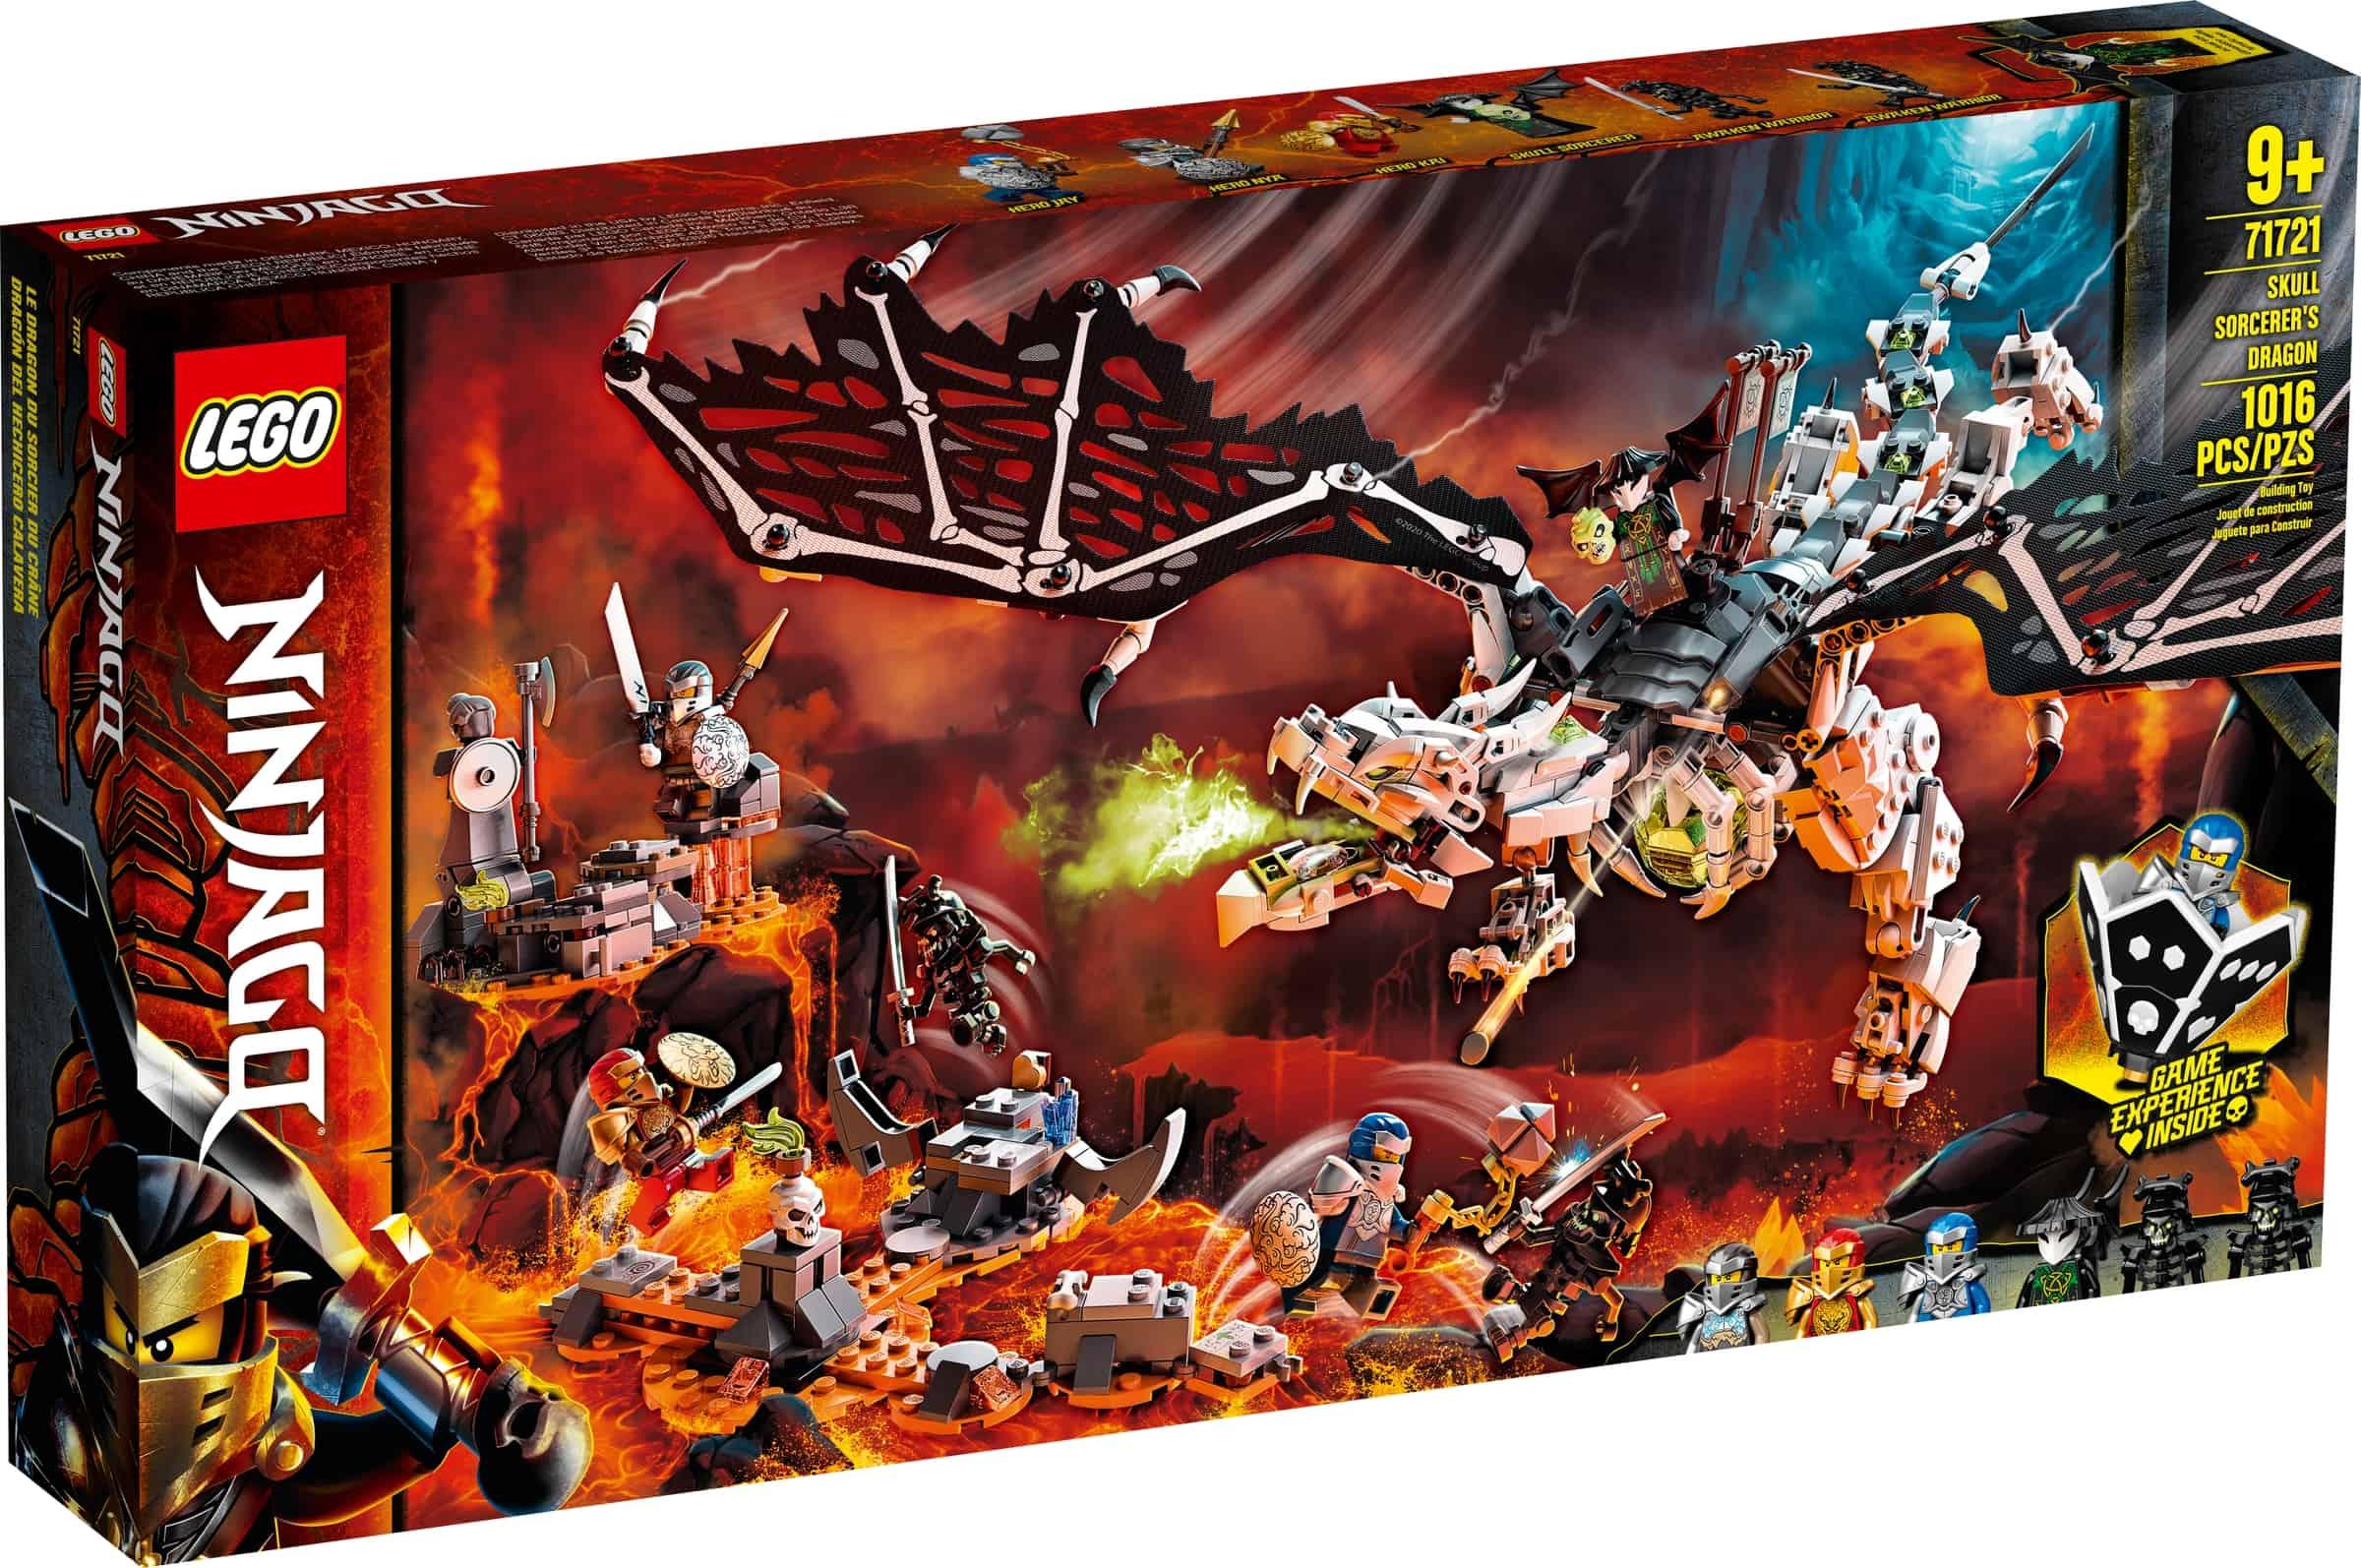 lego 71721 skalleheksemesterens drage